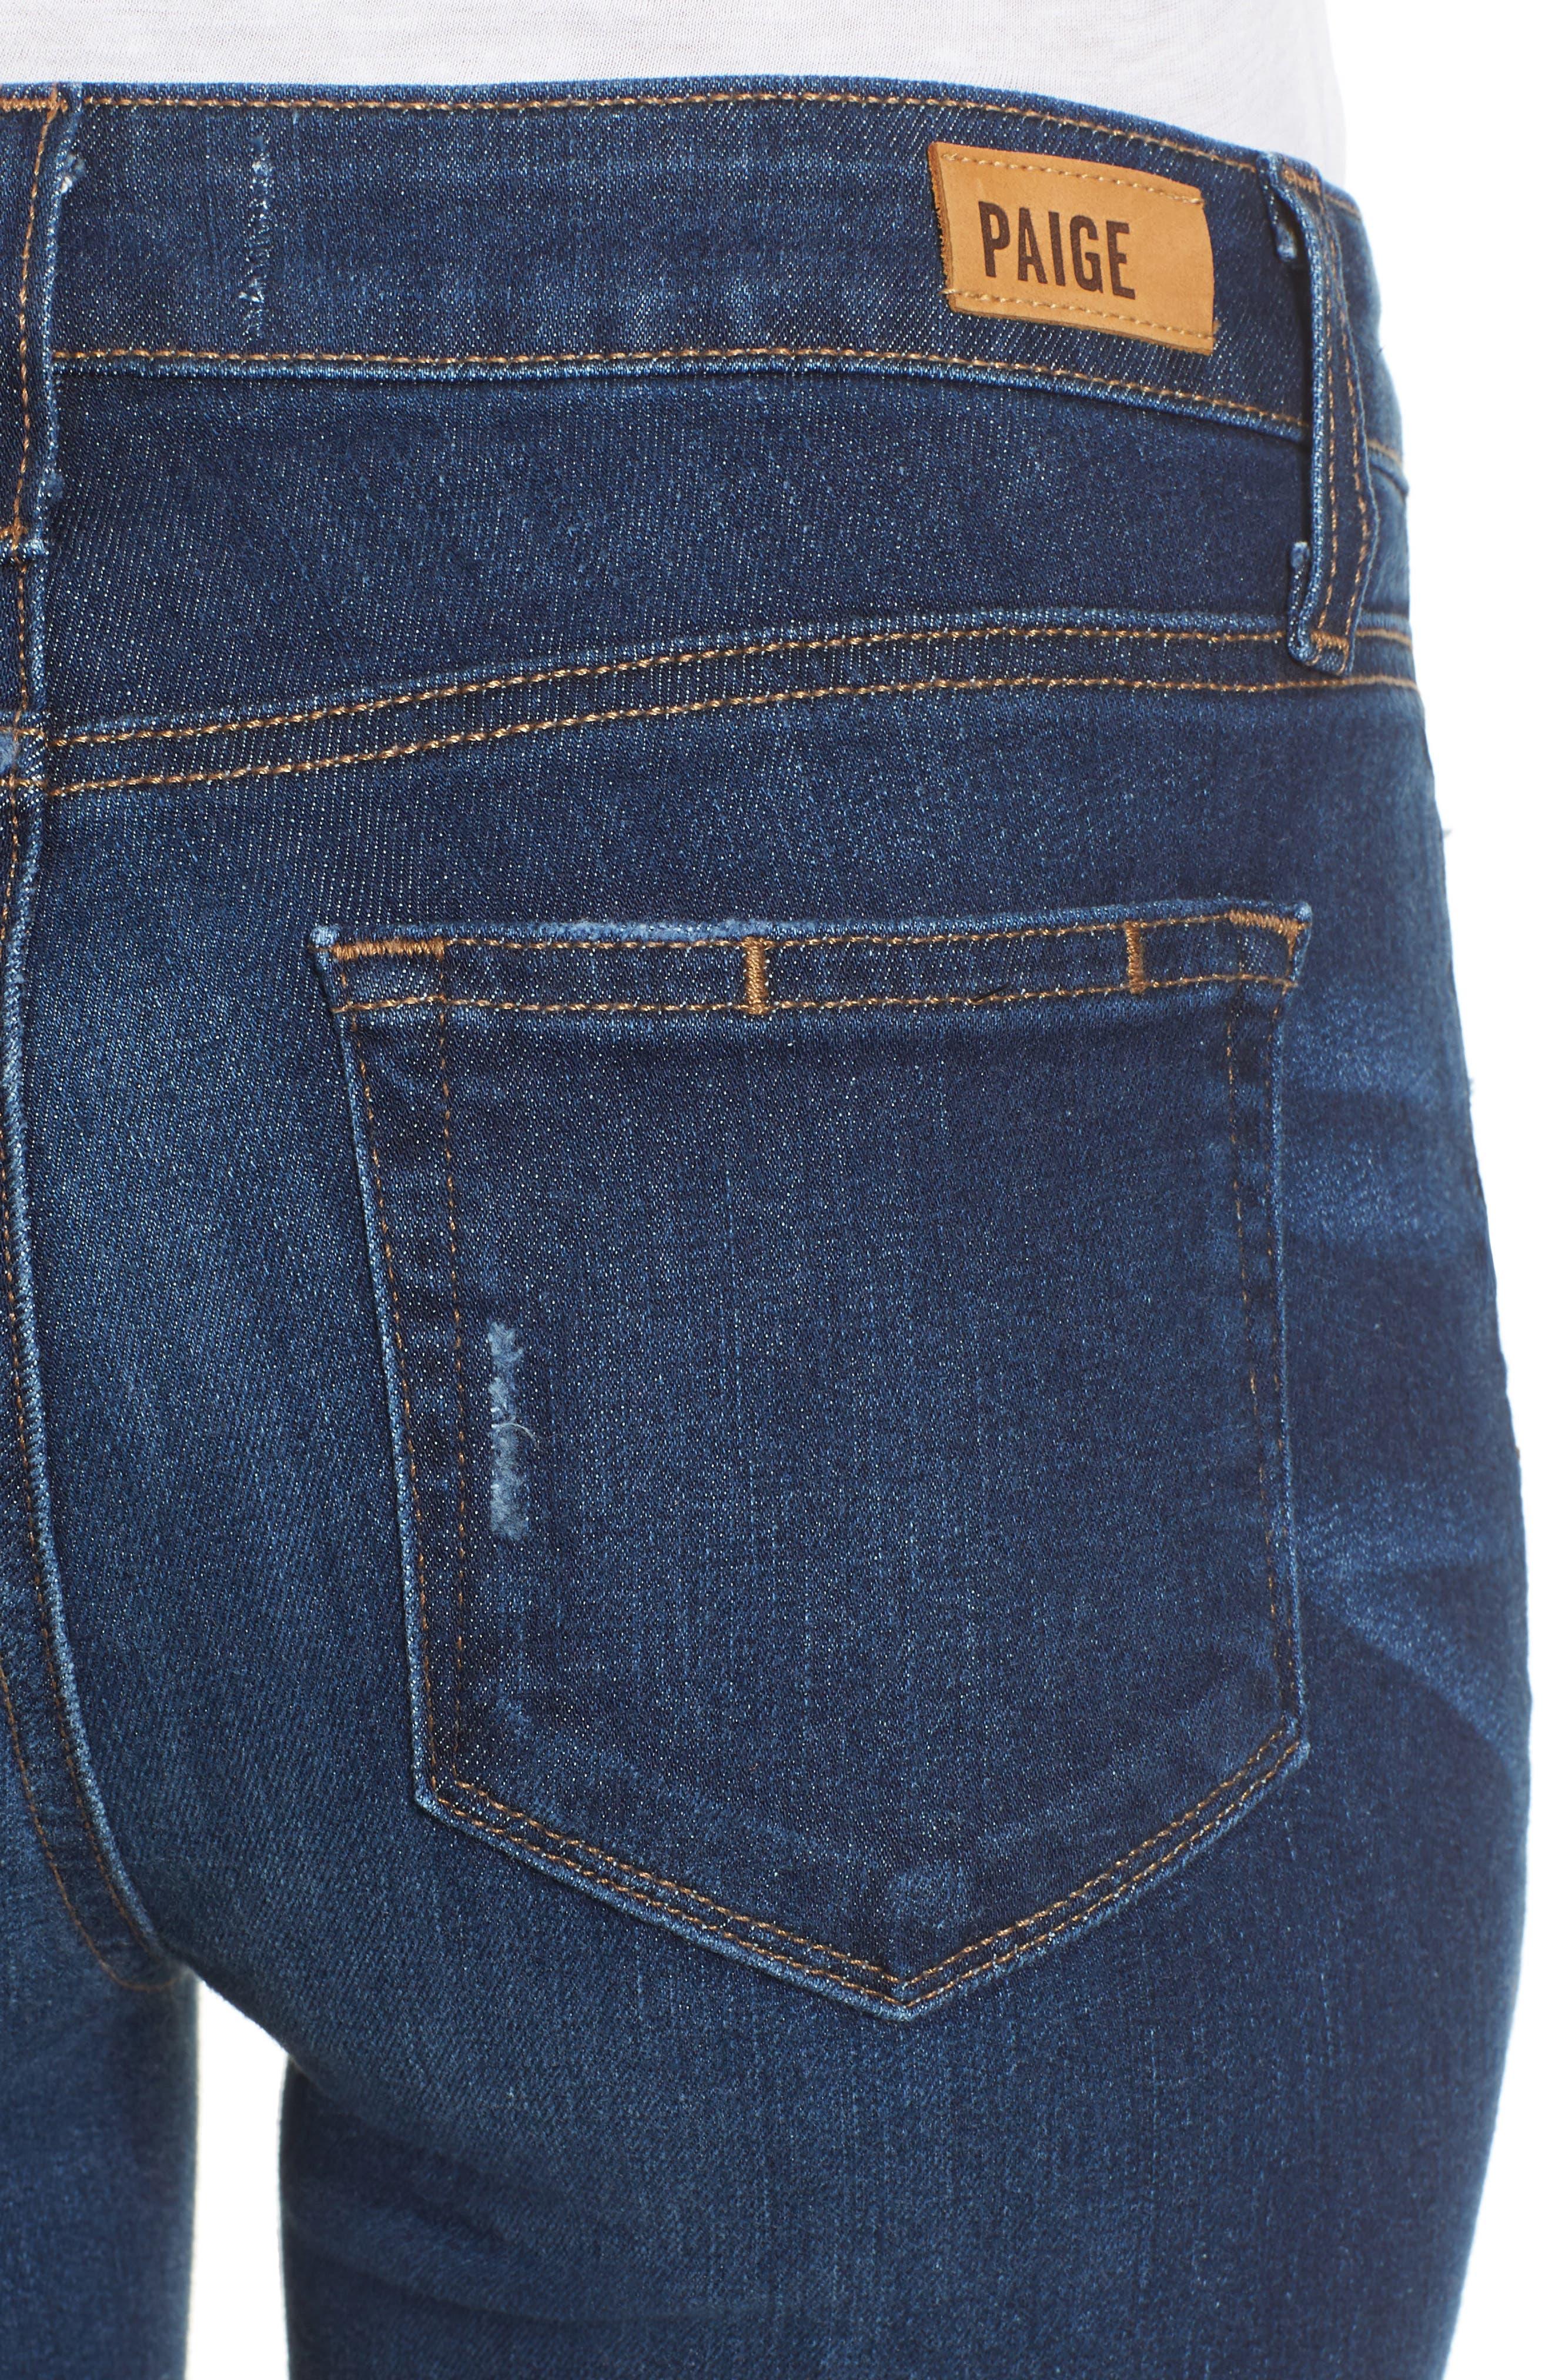 Verdugo Transcend Vintage Crop Skinny Jeans,                             Alternate thumbnail 4, color,                             400